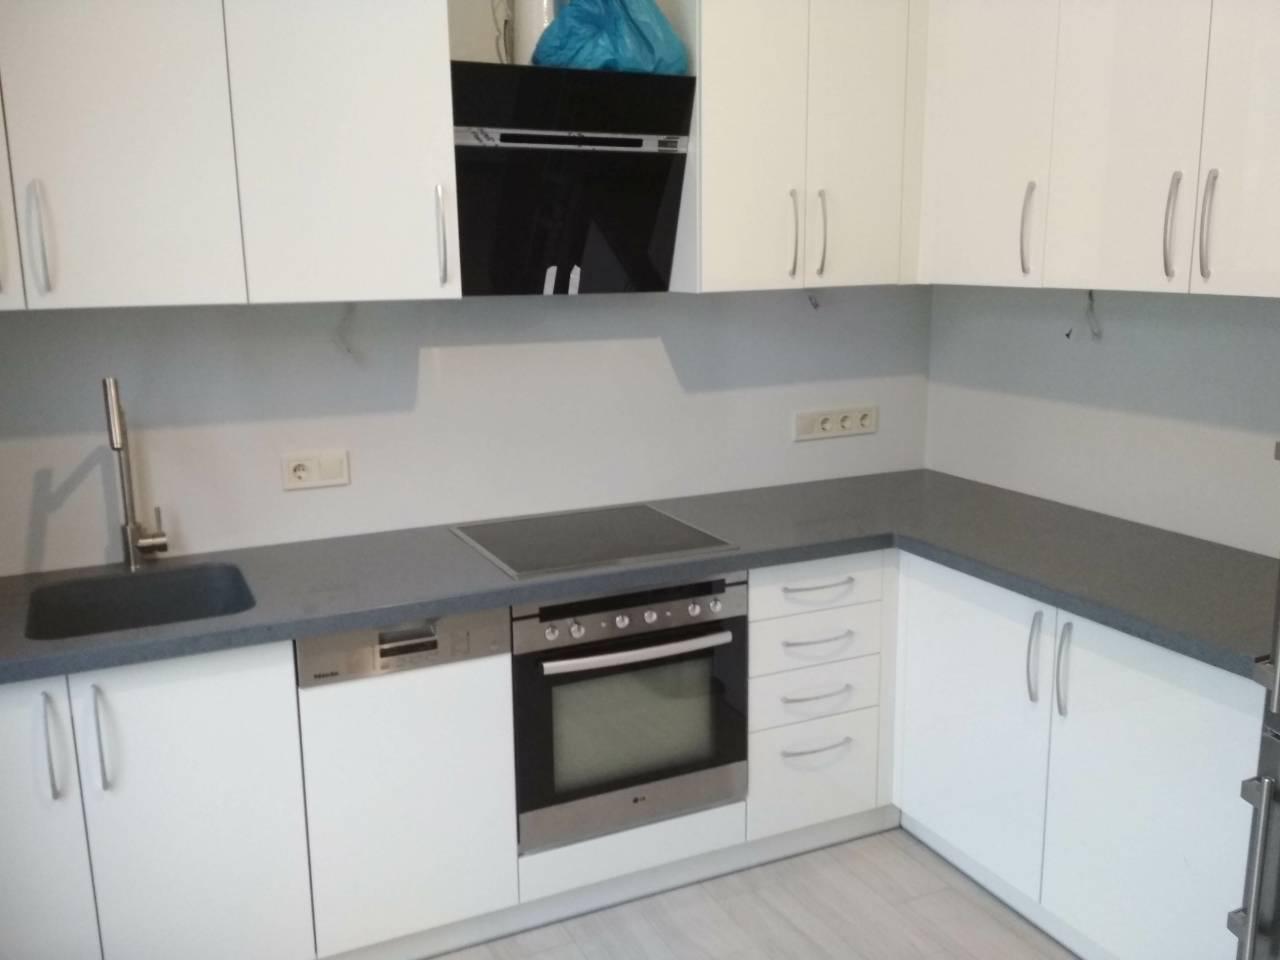 Стільниця на кухні з акрилу Tristone TS215